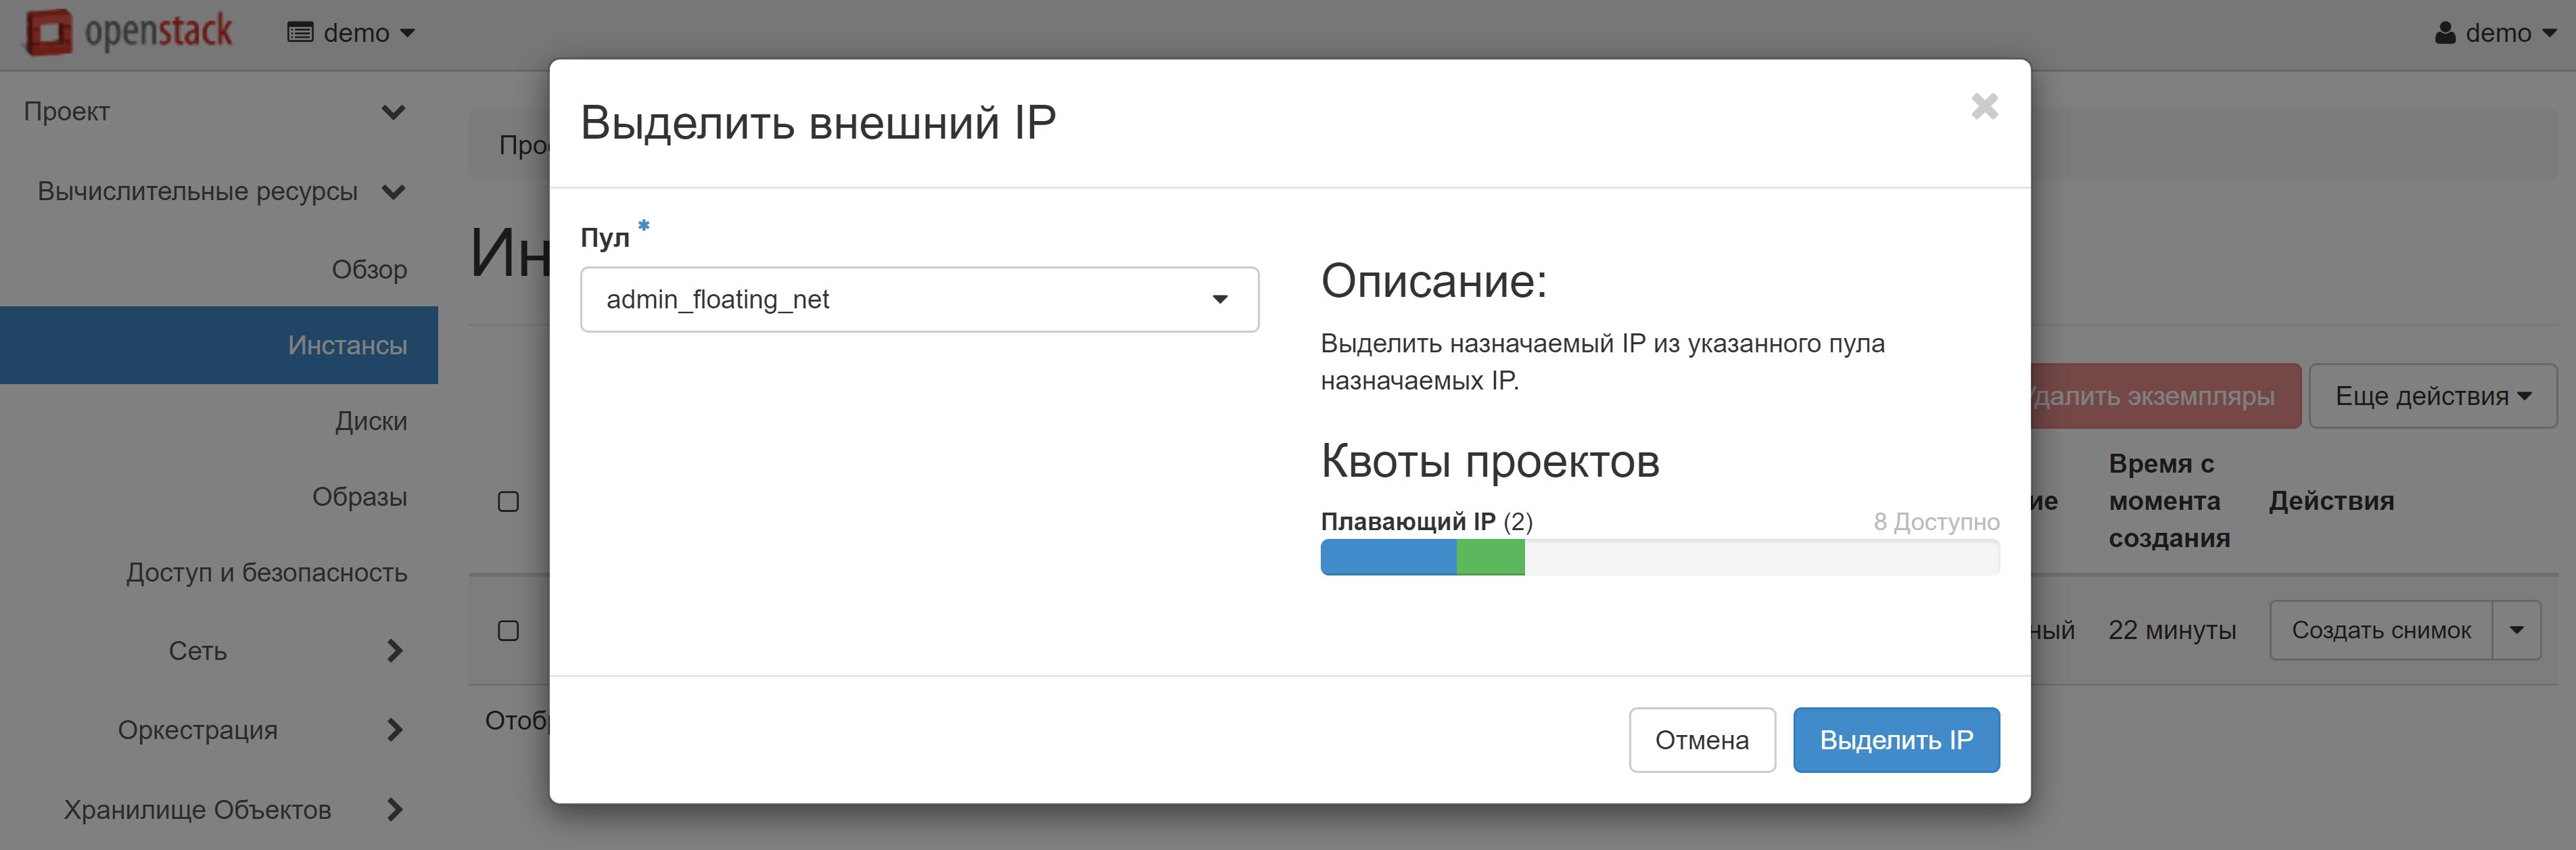 Выделить внешний IP